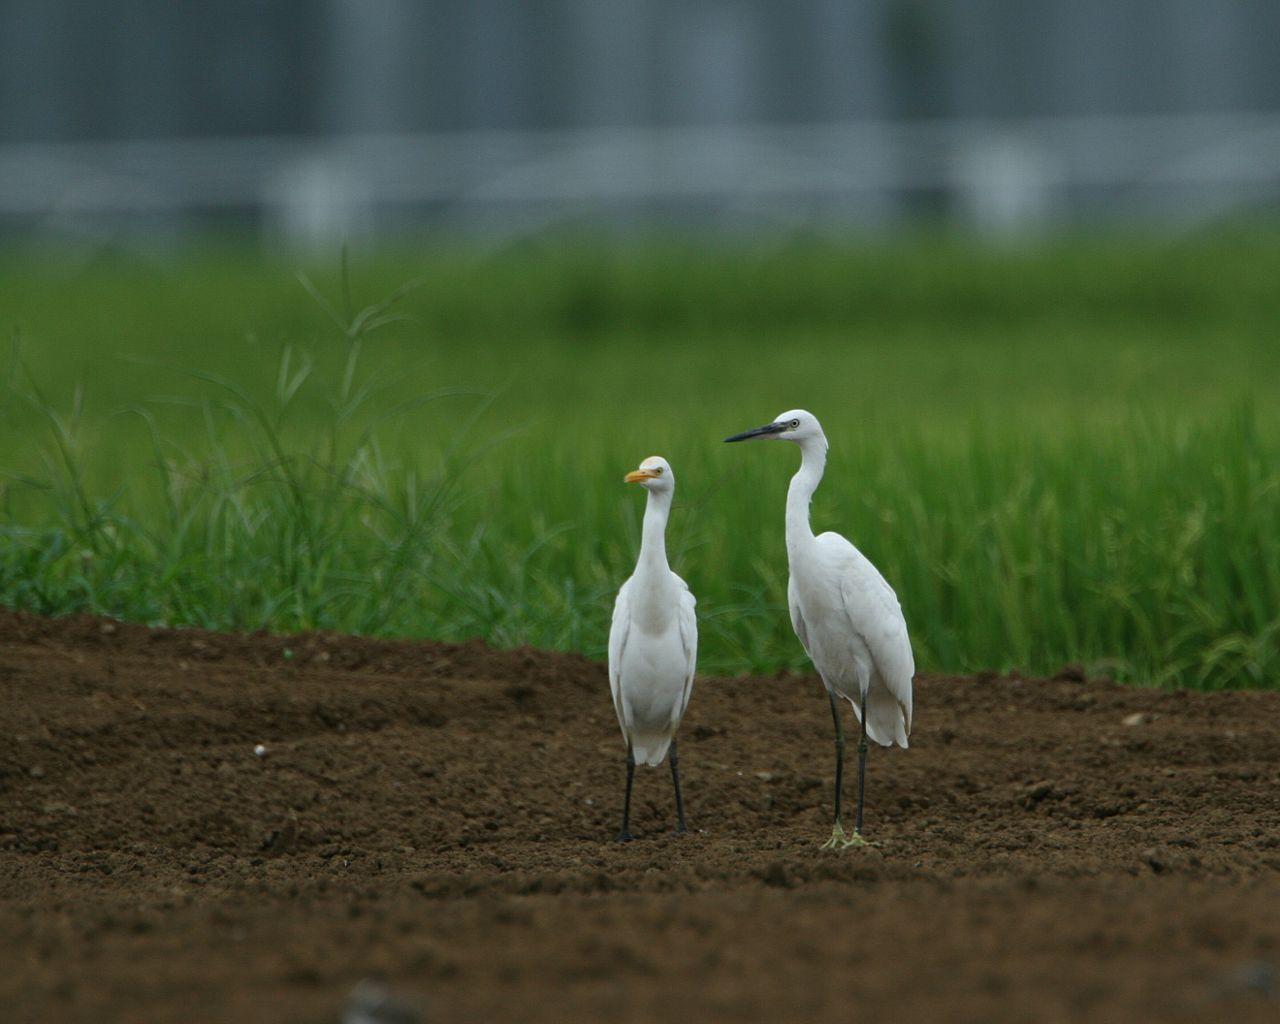 仲良しのコサギとアマサギ(田圃の野鳥の壁紙)_f0105570_944569.jpg